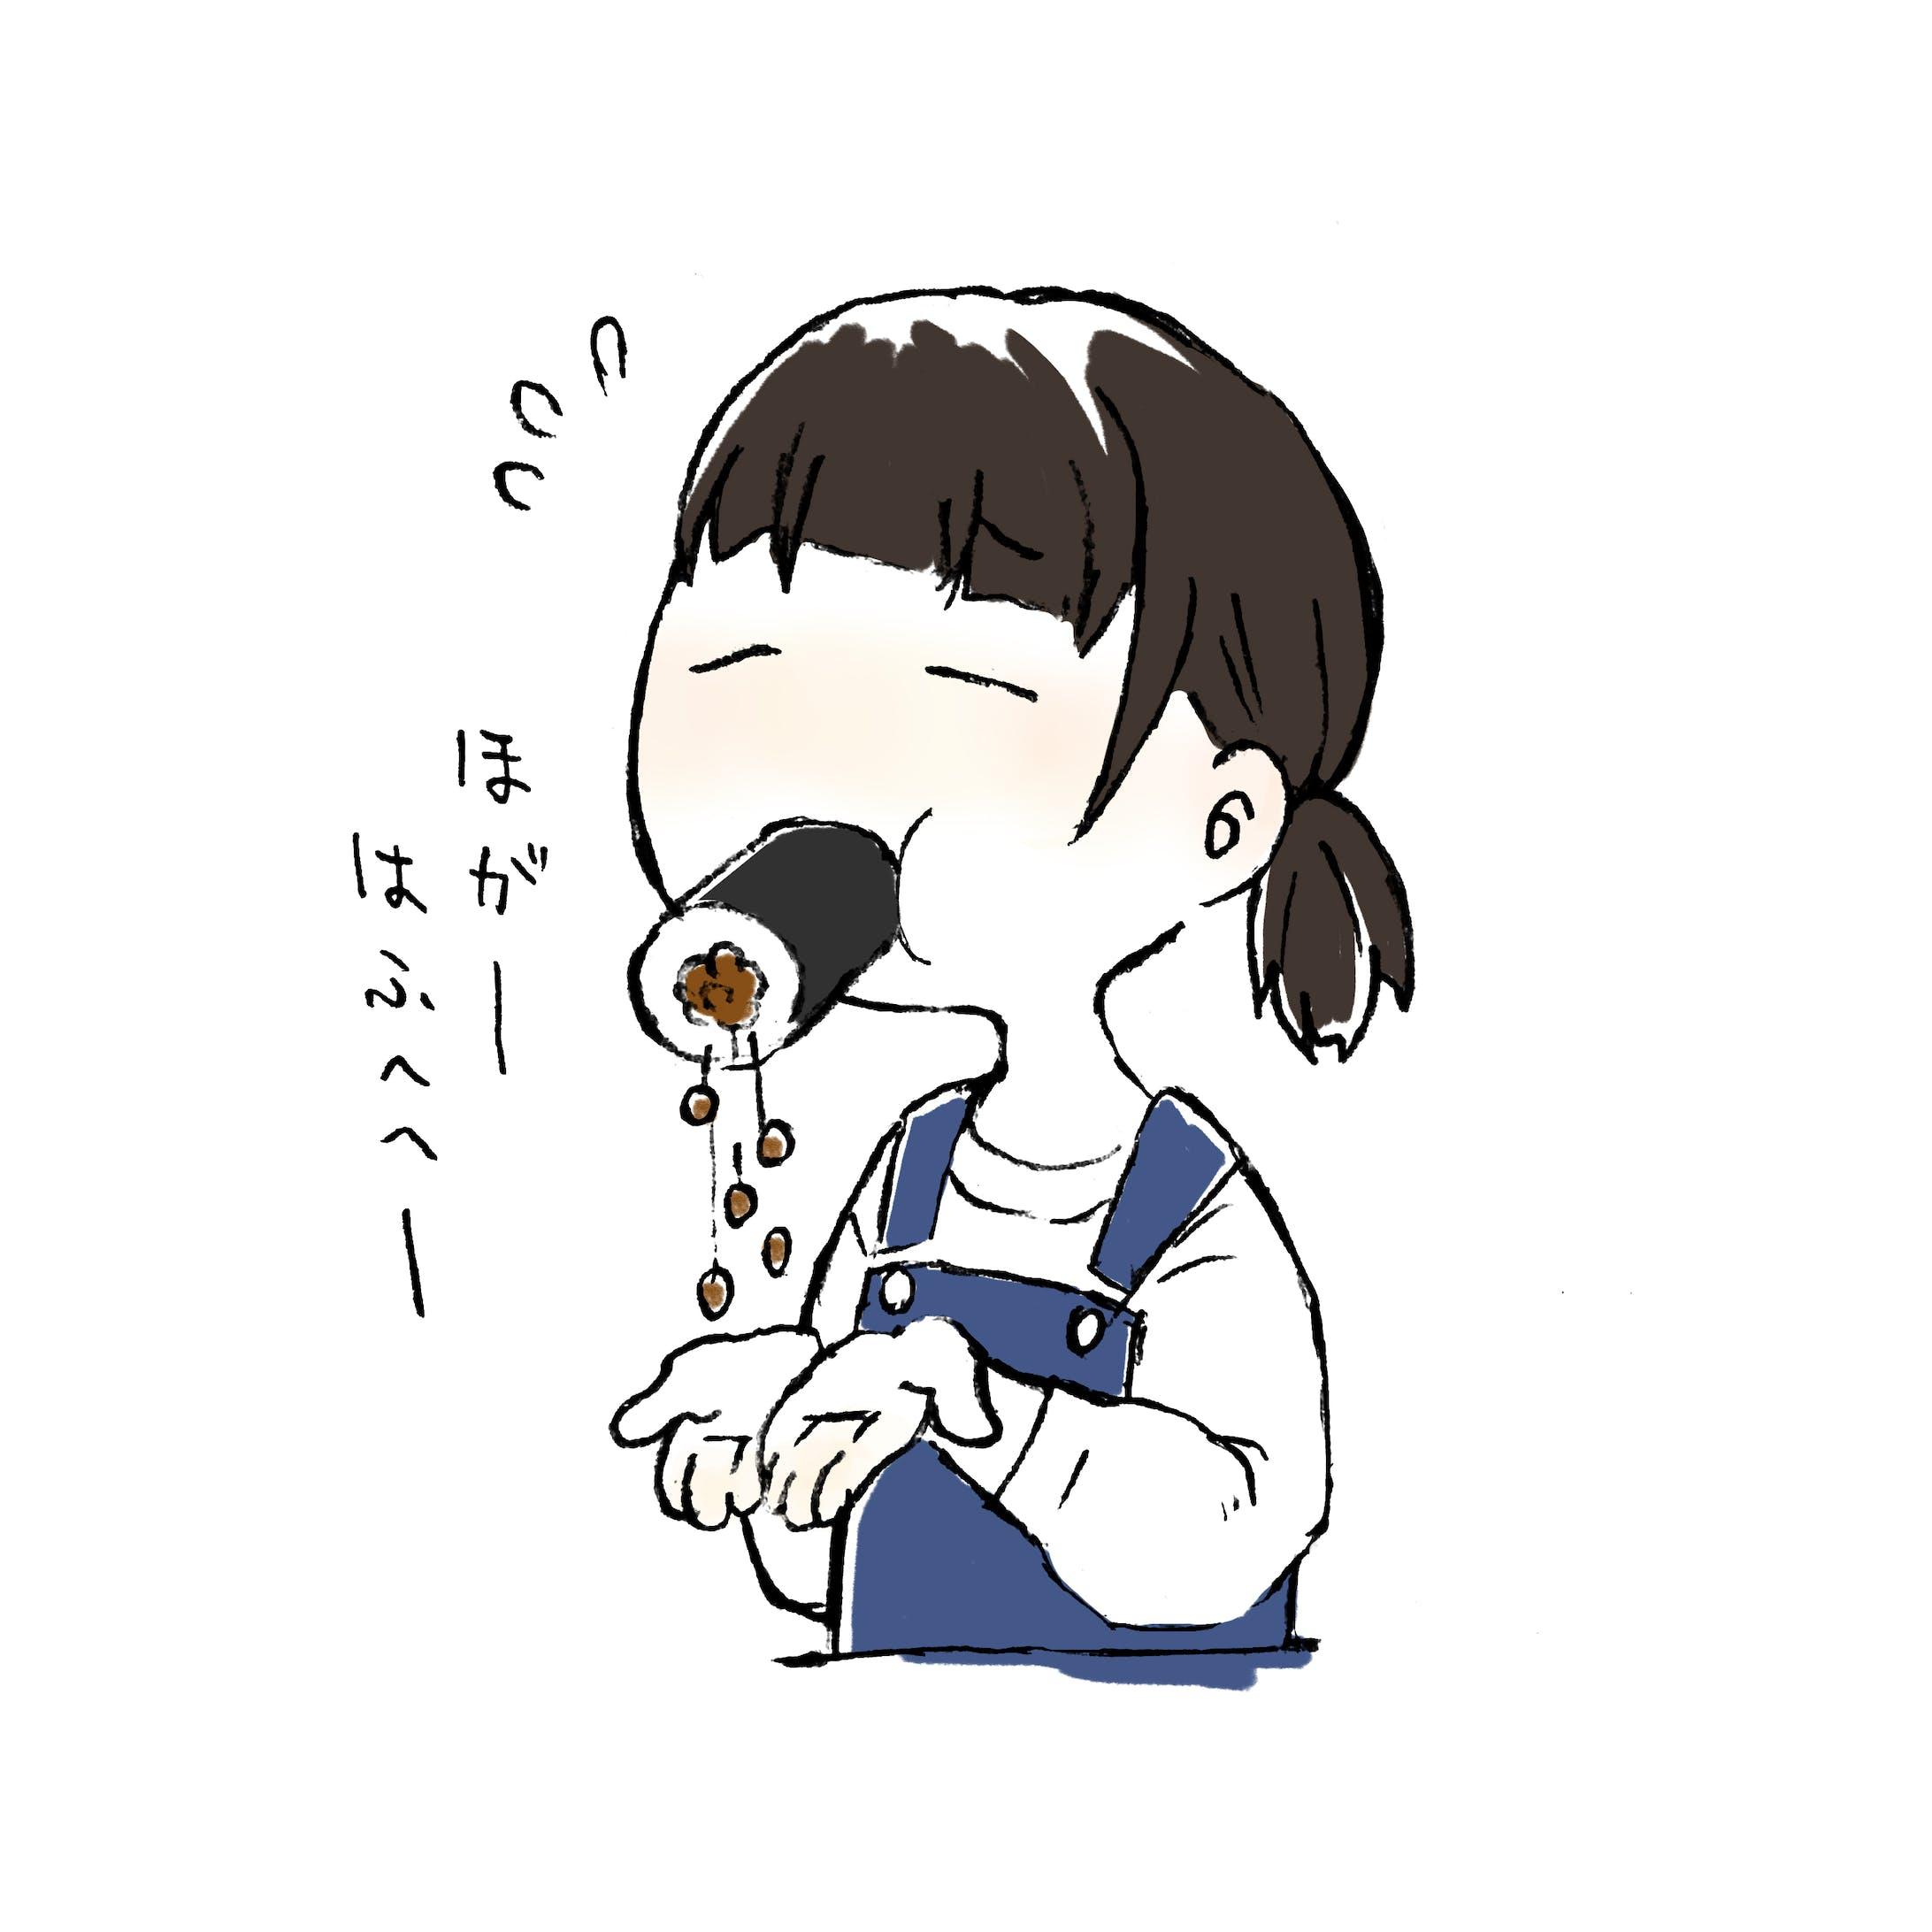 【イラスト】ぶきっちょガール-11